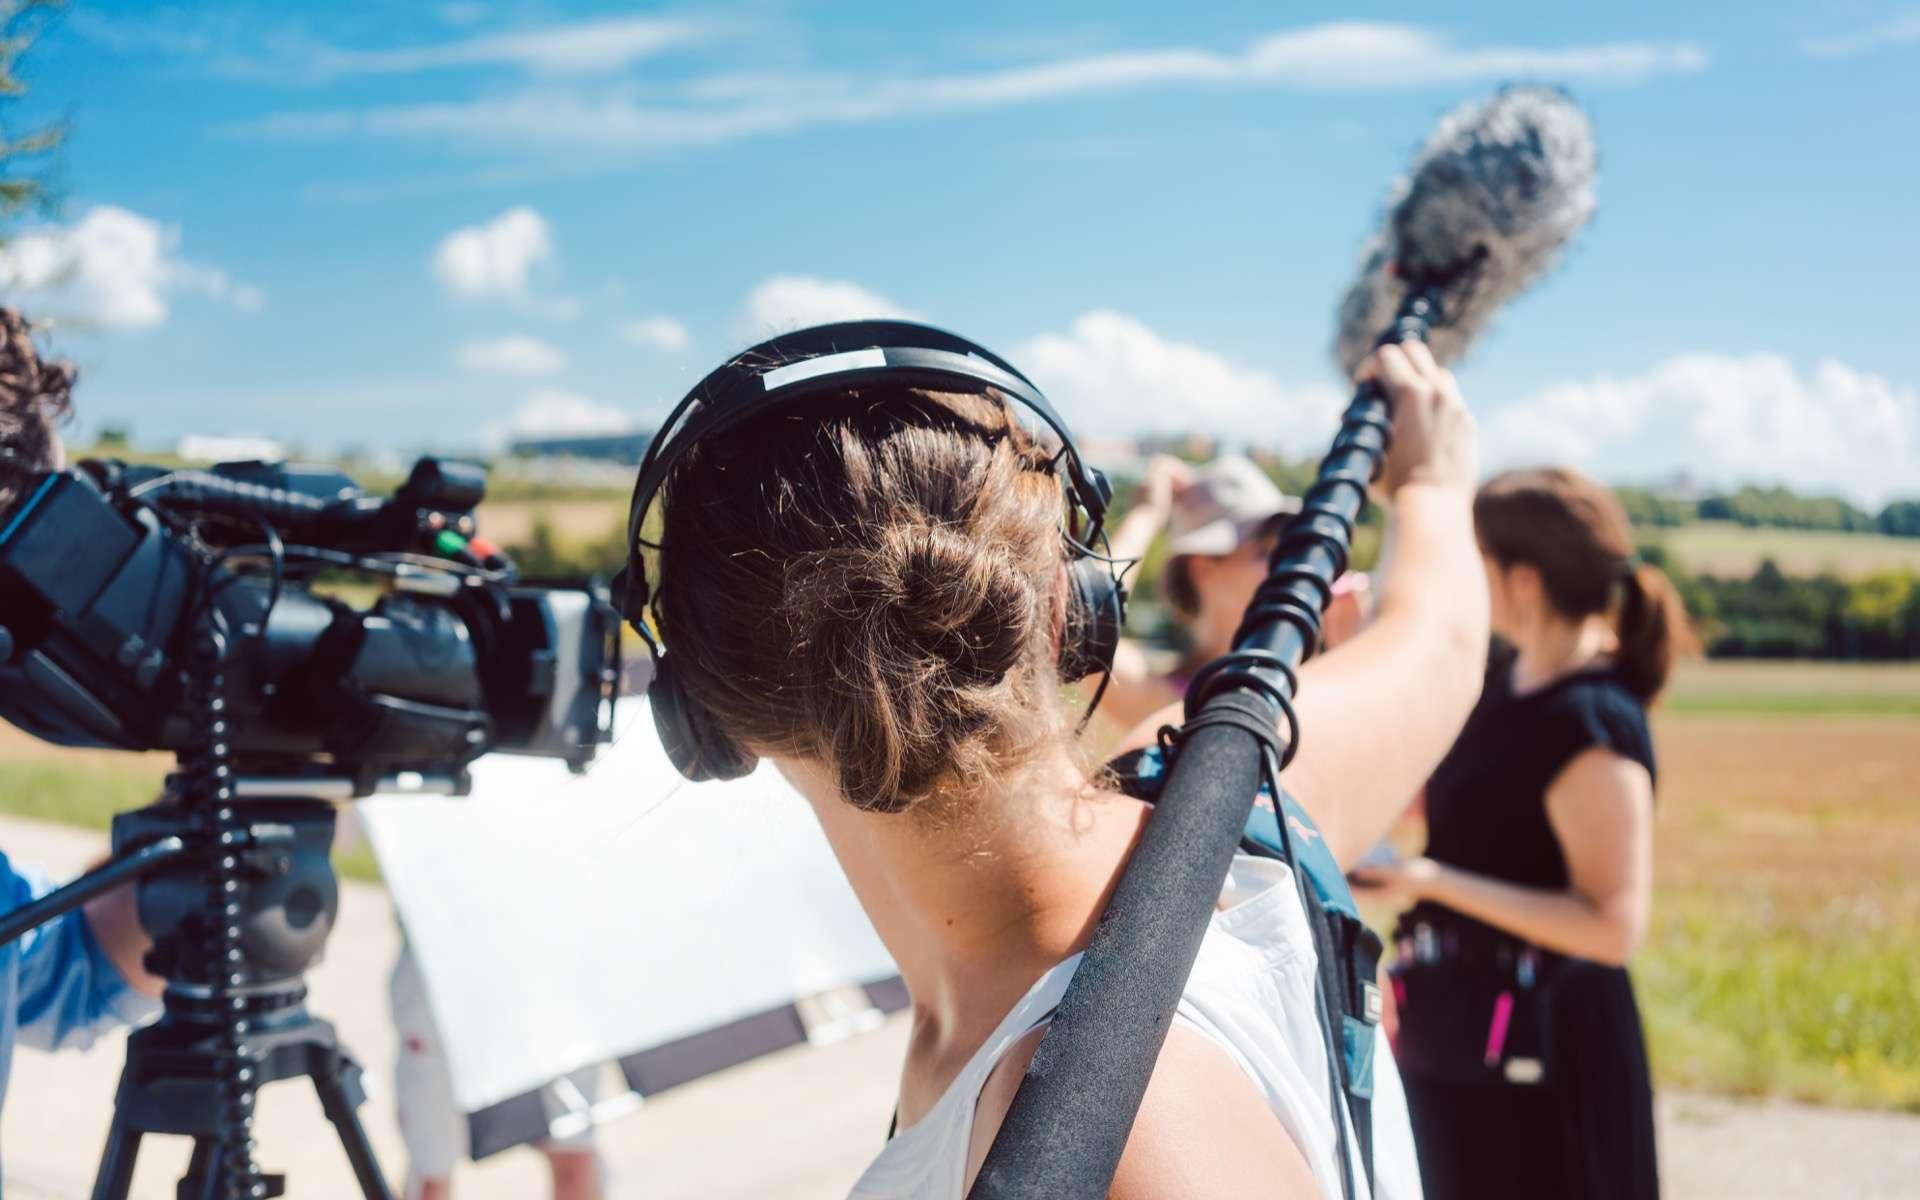 La lumière, le son, entre autres feront toute la différence pour réussir une belle vidéo. © Kzenon, Adobe Stock